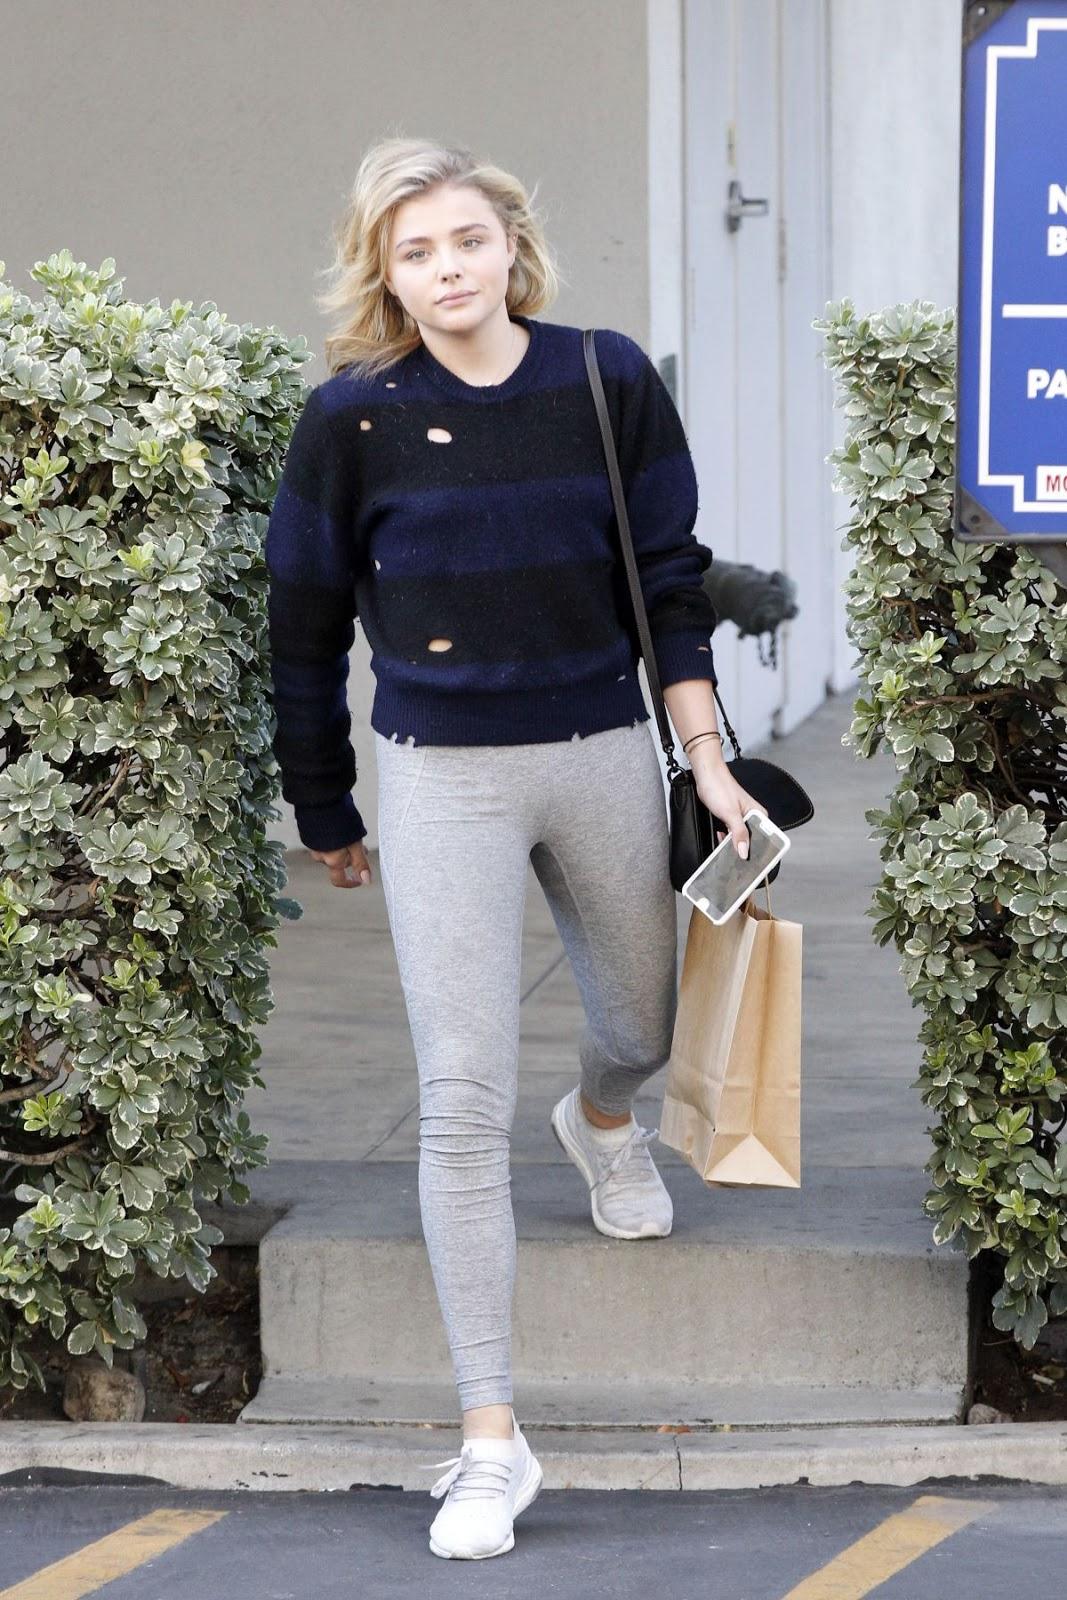 Chloe Moretz Leaves a Dentist's Office